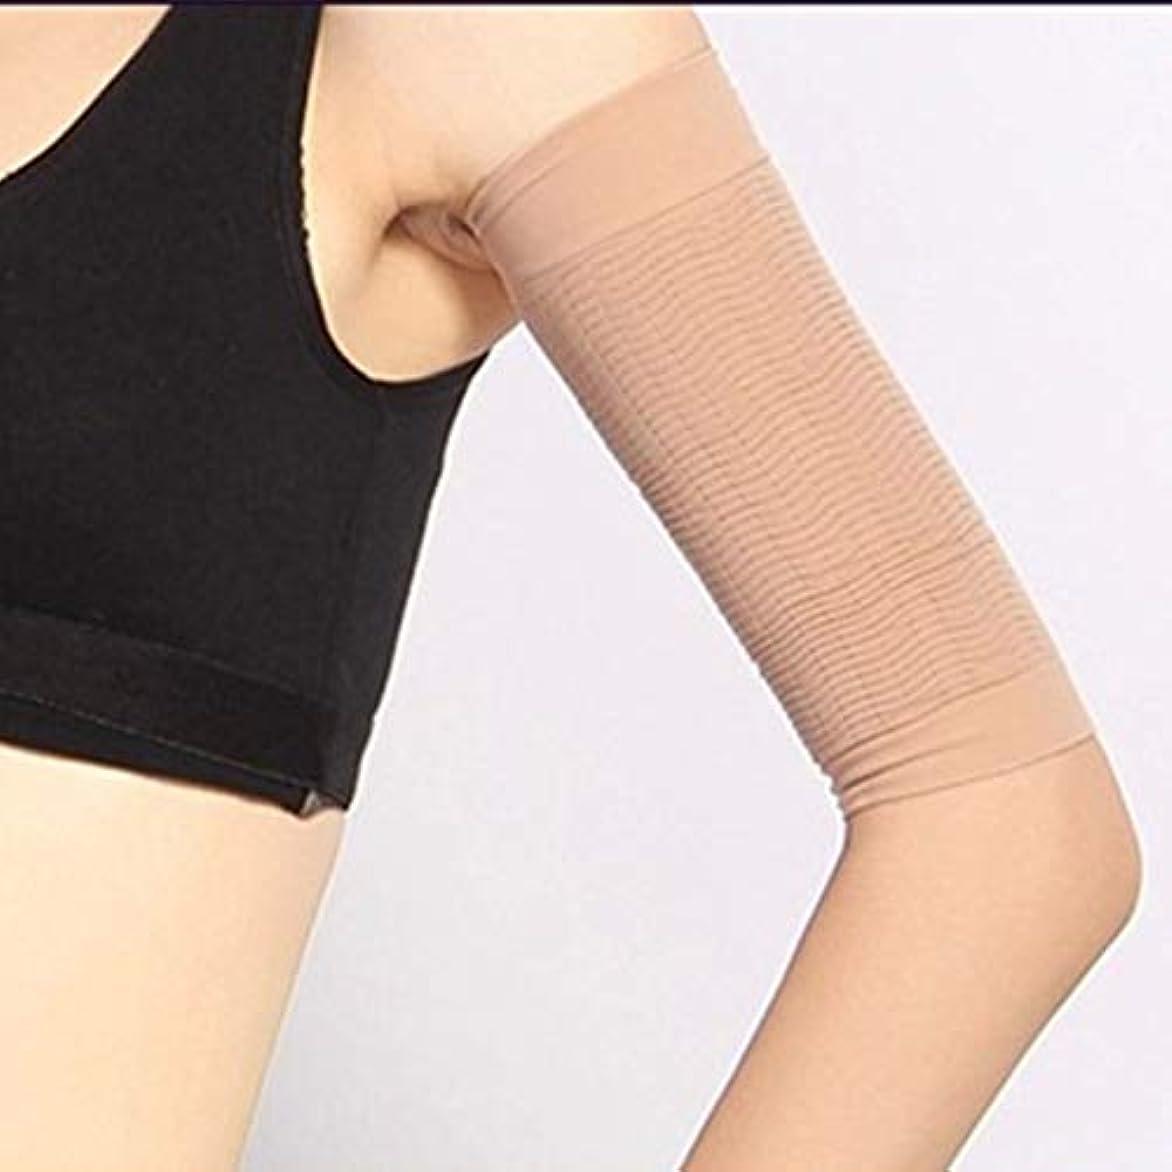 準備ができてサラダシニス1ペア420 D圧縮痩身アームスリーブワークアウトトーニングバーンセルライトシェイパー脂肪燃焼袖用女性 - 肌色